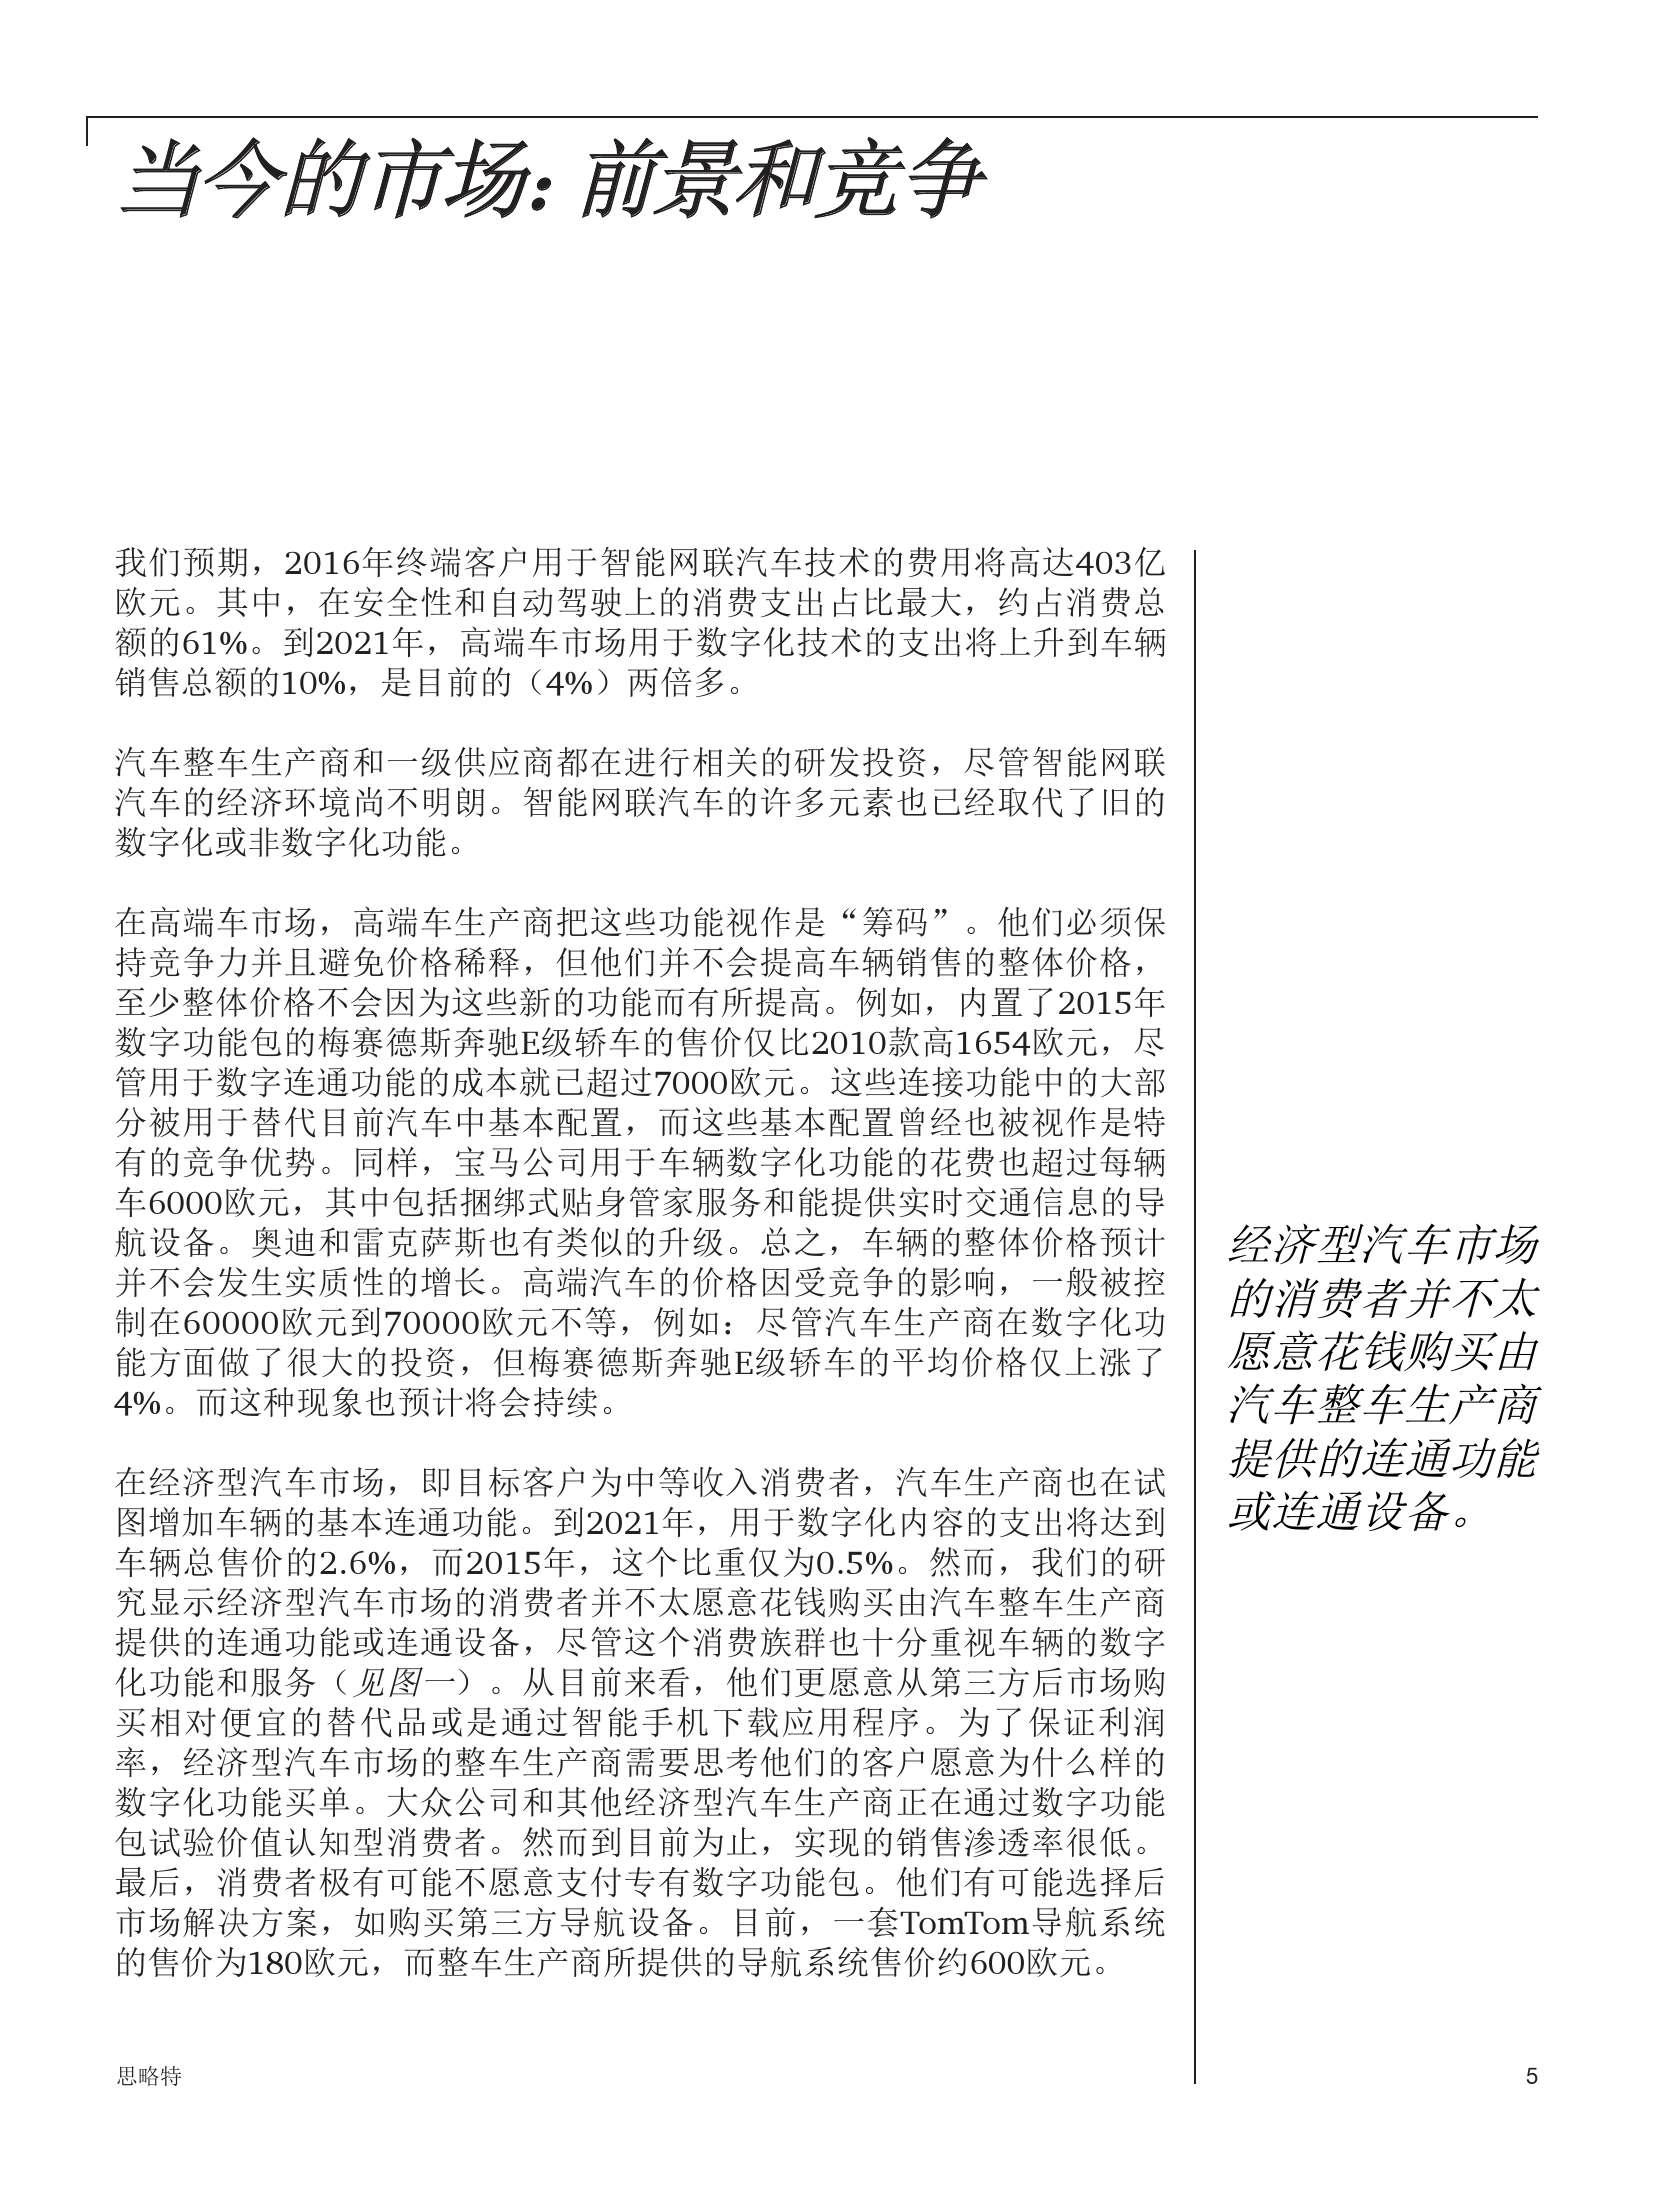 2015智能网联汽车调查_000005